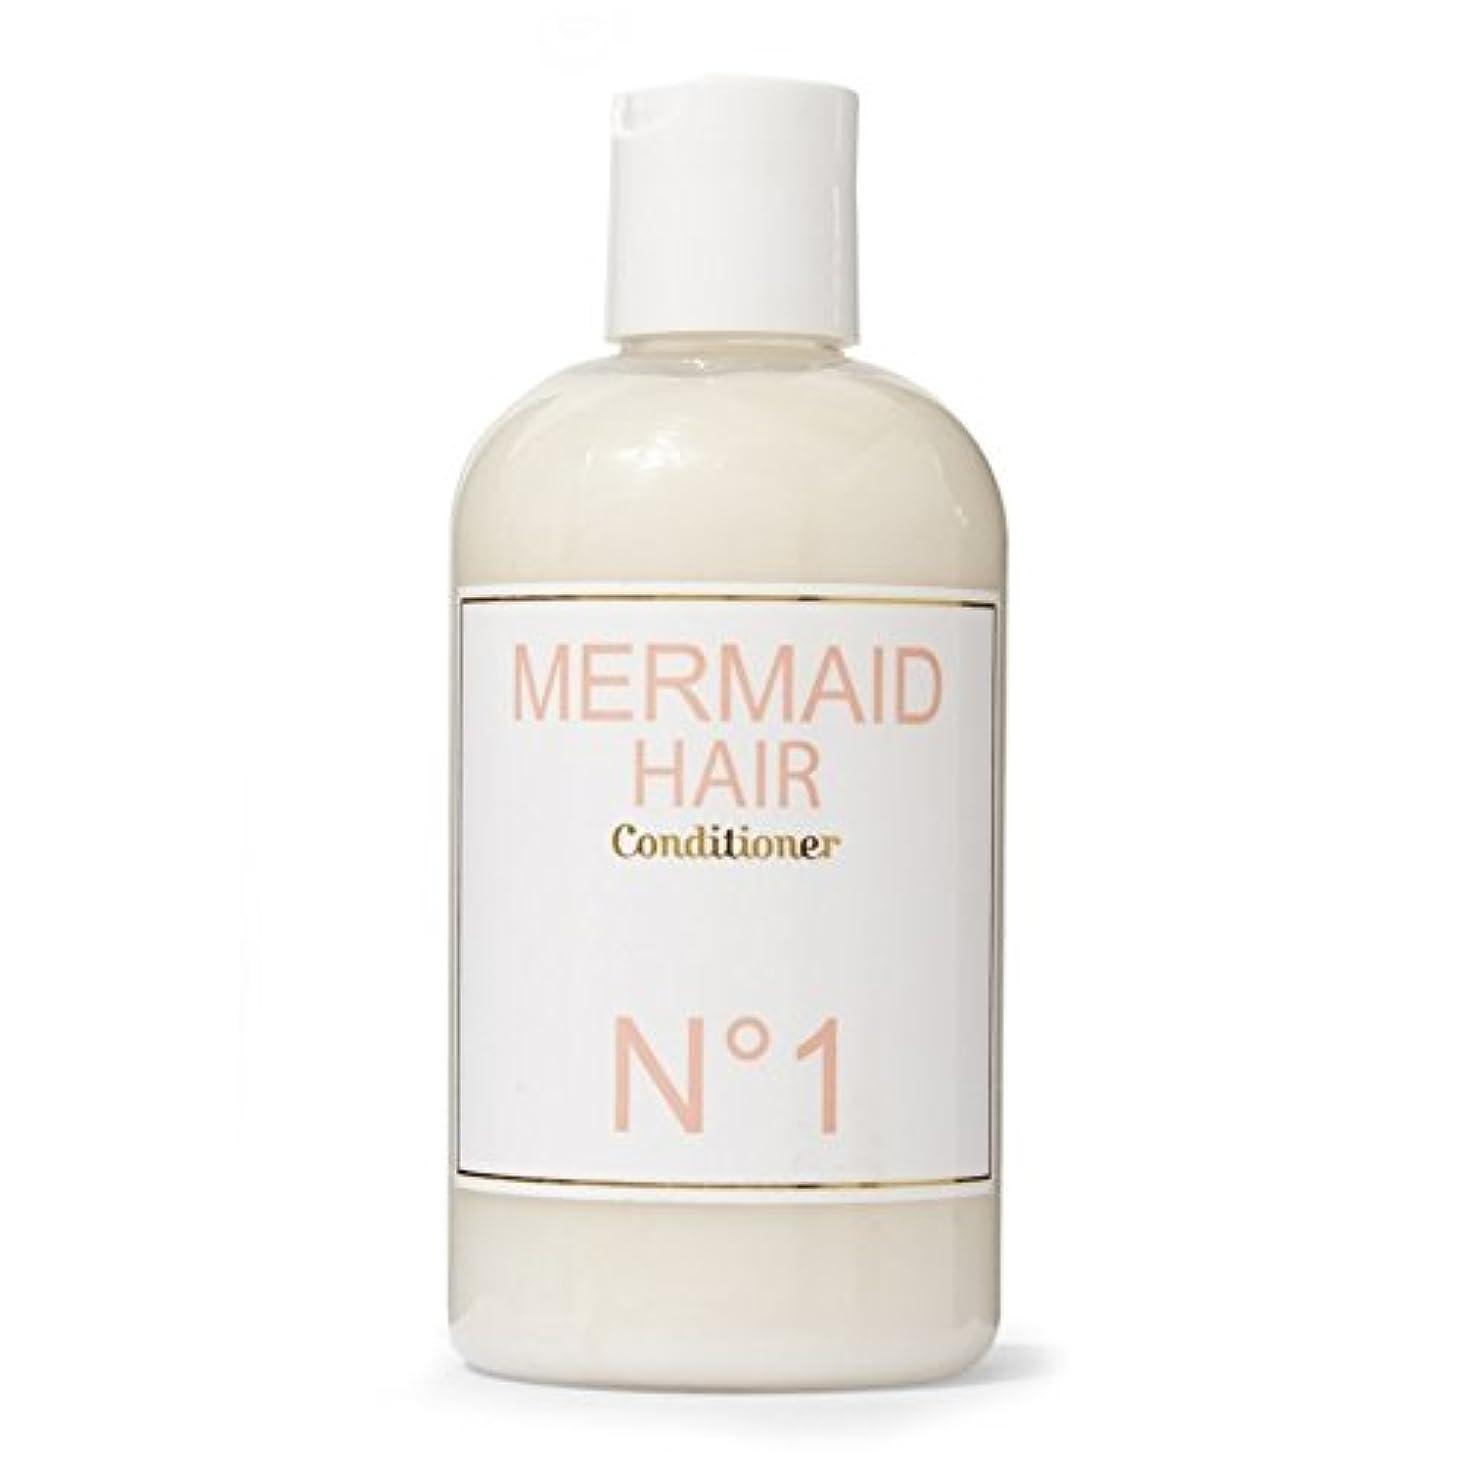 ブロッサムフィードオン同じMermaid Perfume Mermaid Conditioner 300ml - 人魚香水人魚コンディショナー300ミリリットル [並行輸入品]